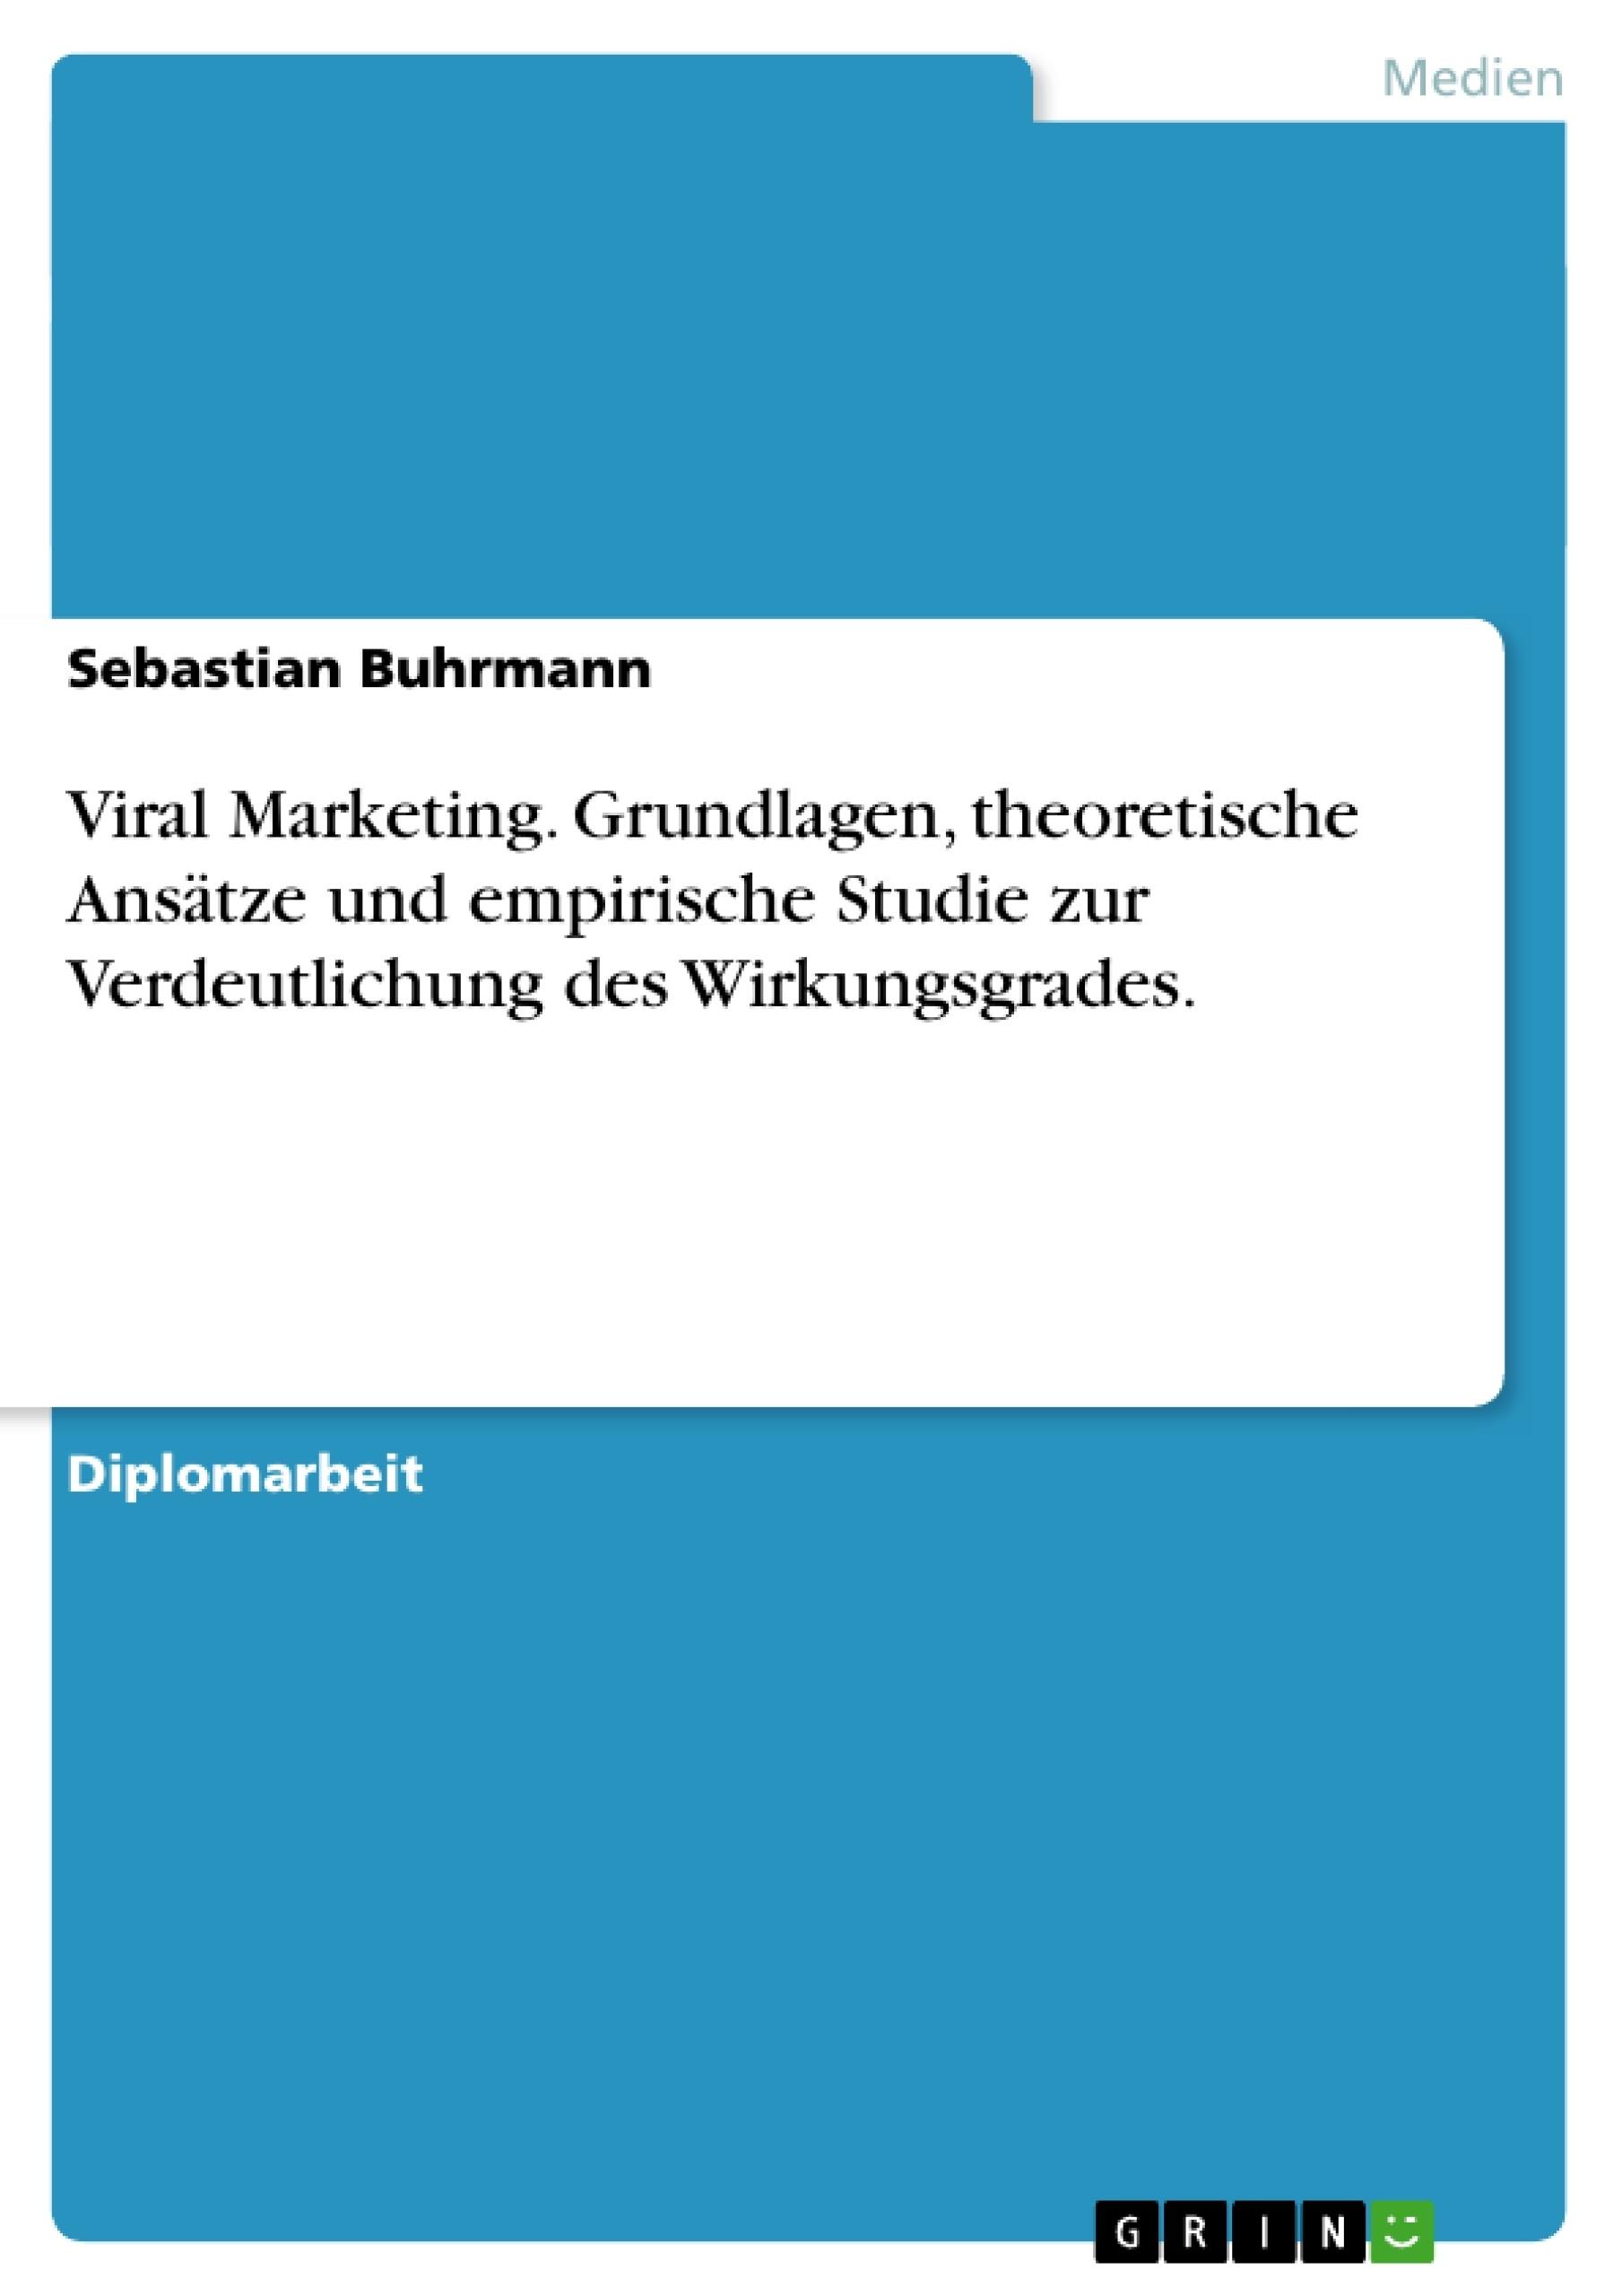 Titel: Viral Marketing. Grundlagen, theoretische Ansätze und empirische Studie zur Verdeutlichung des Wirkungsgrades.